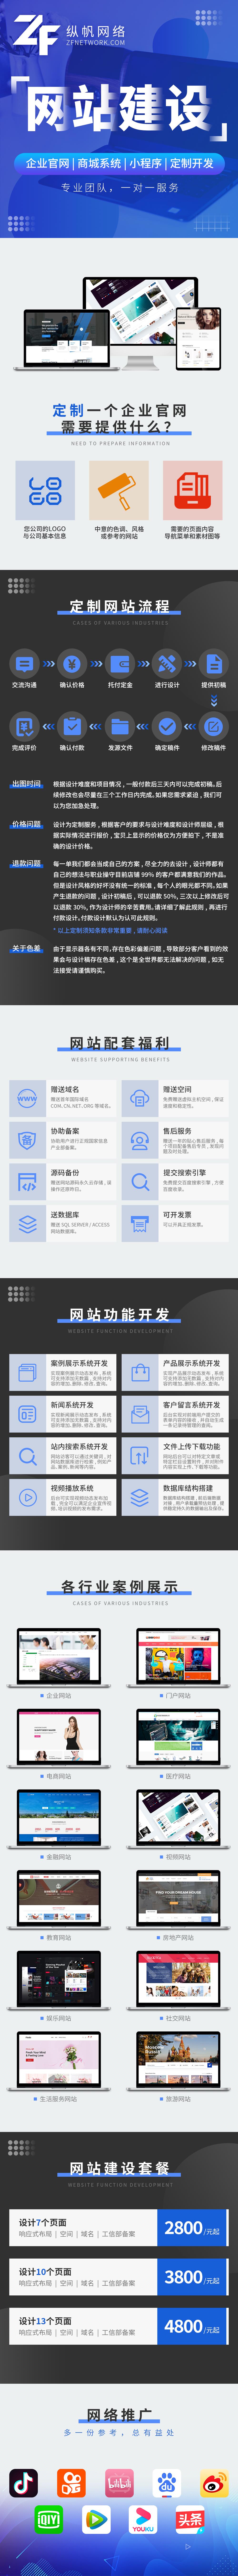 _企业建站外贸网站高端定制快速建站小程序公众号定制开发源码制作2